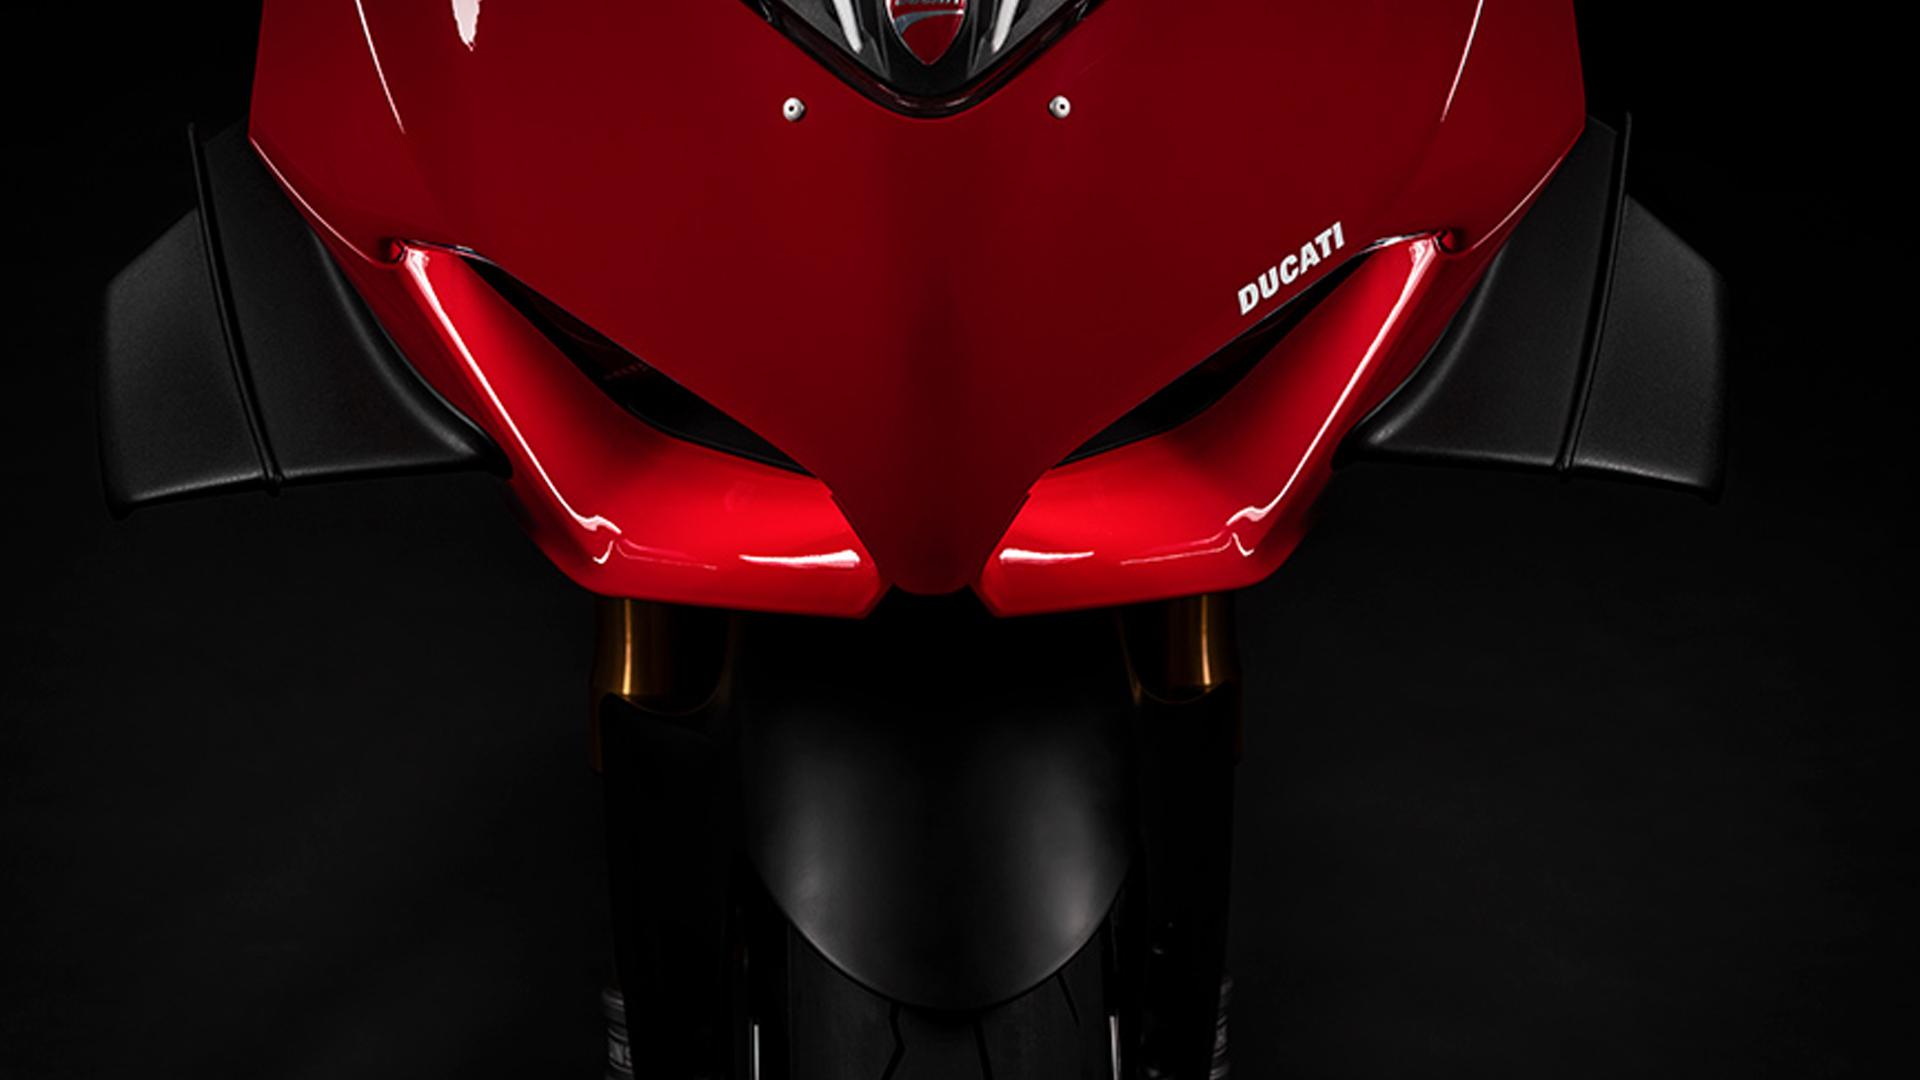 Ducati Panigale V4 2021 S